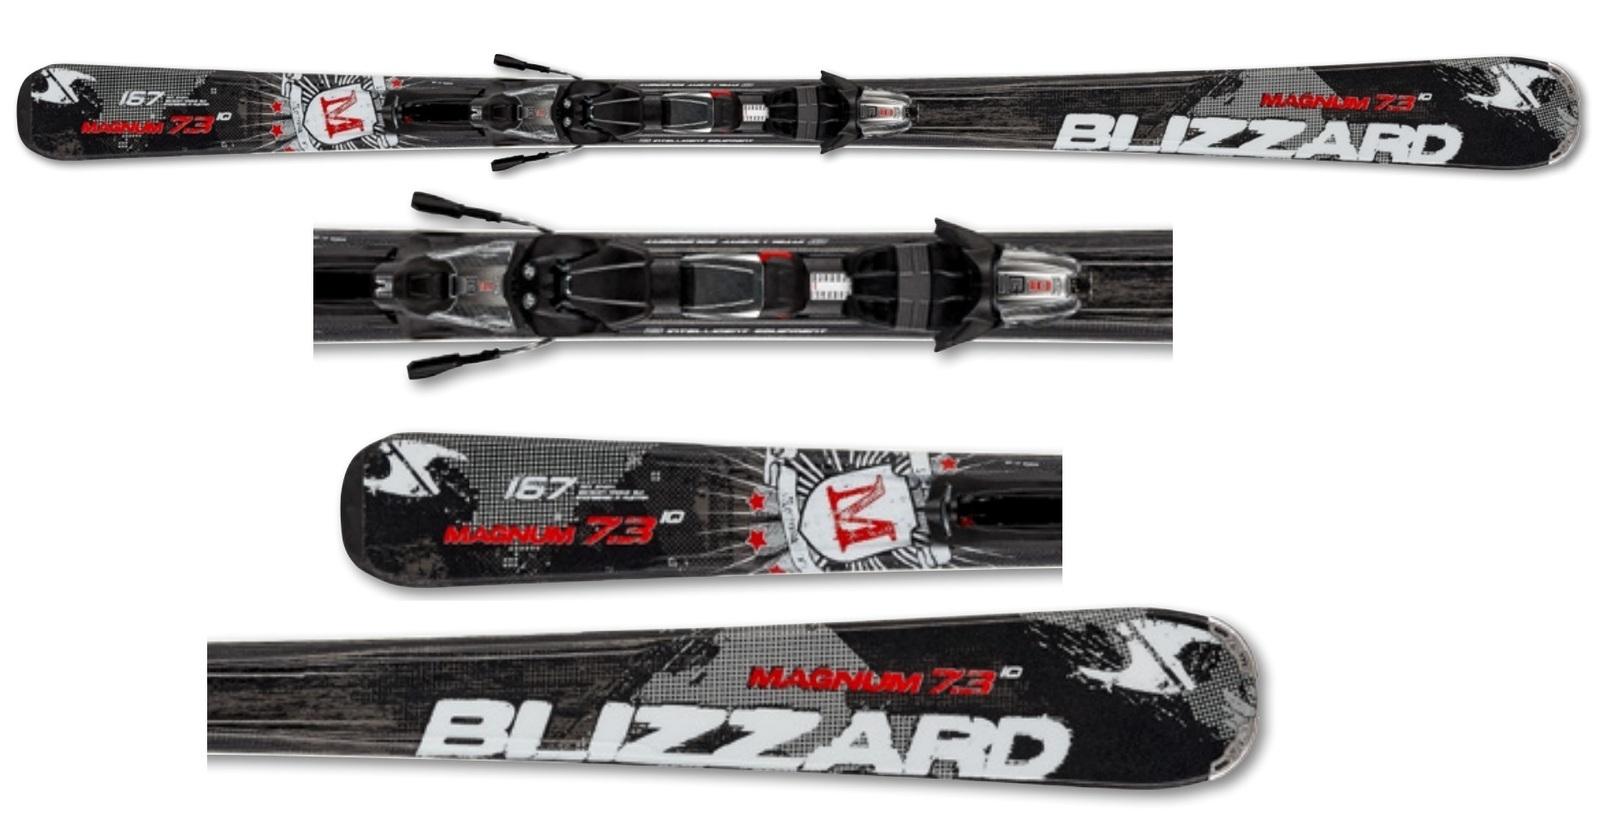 Blizzard Magnum 7.3  IQ